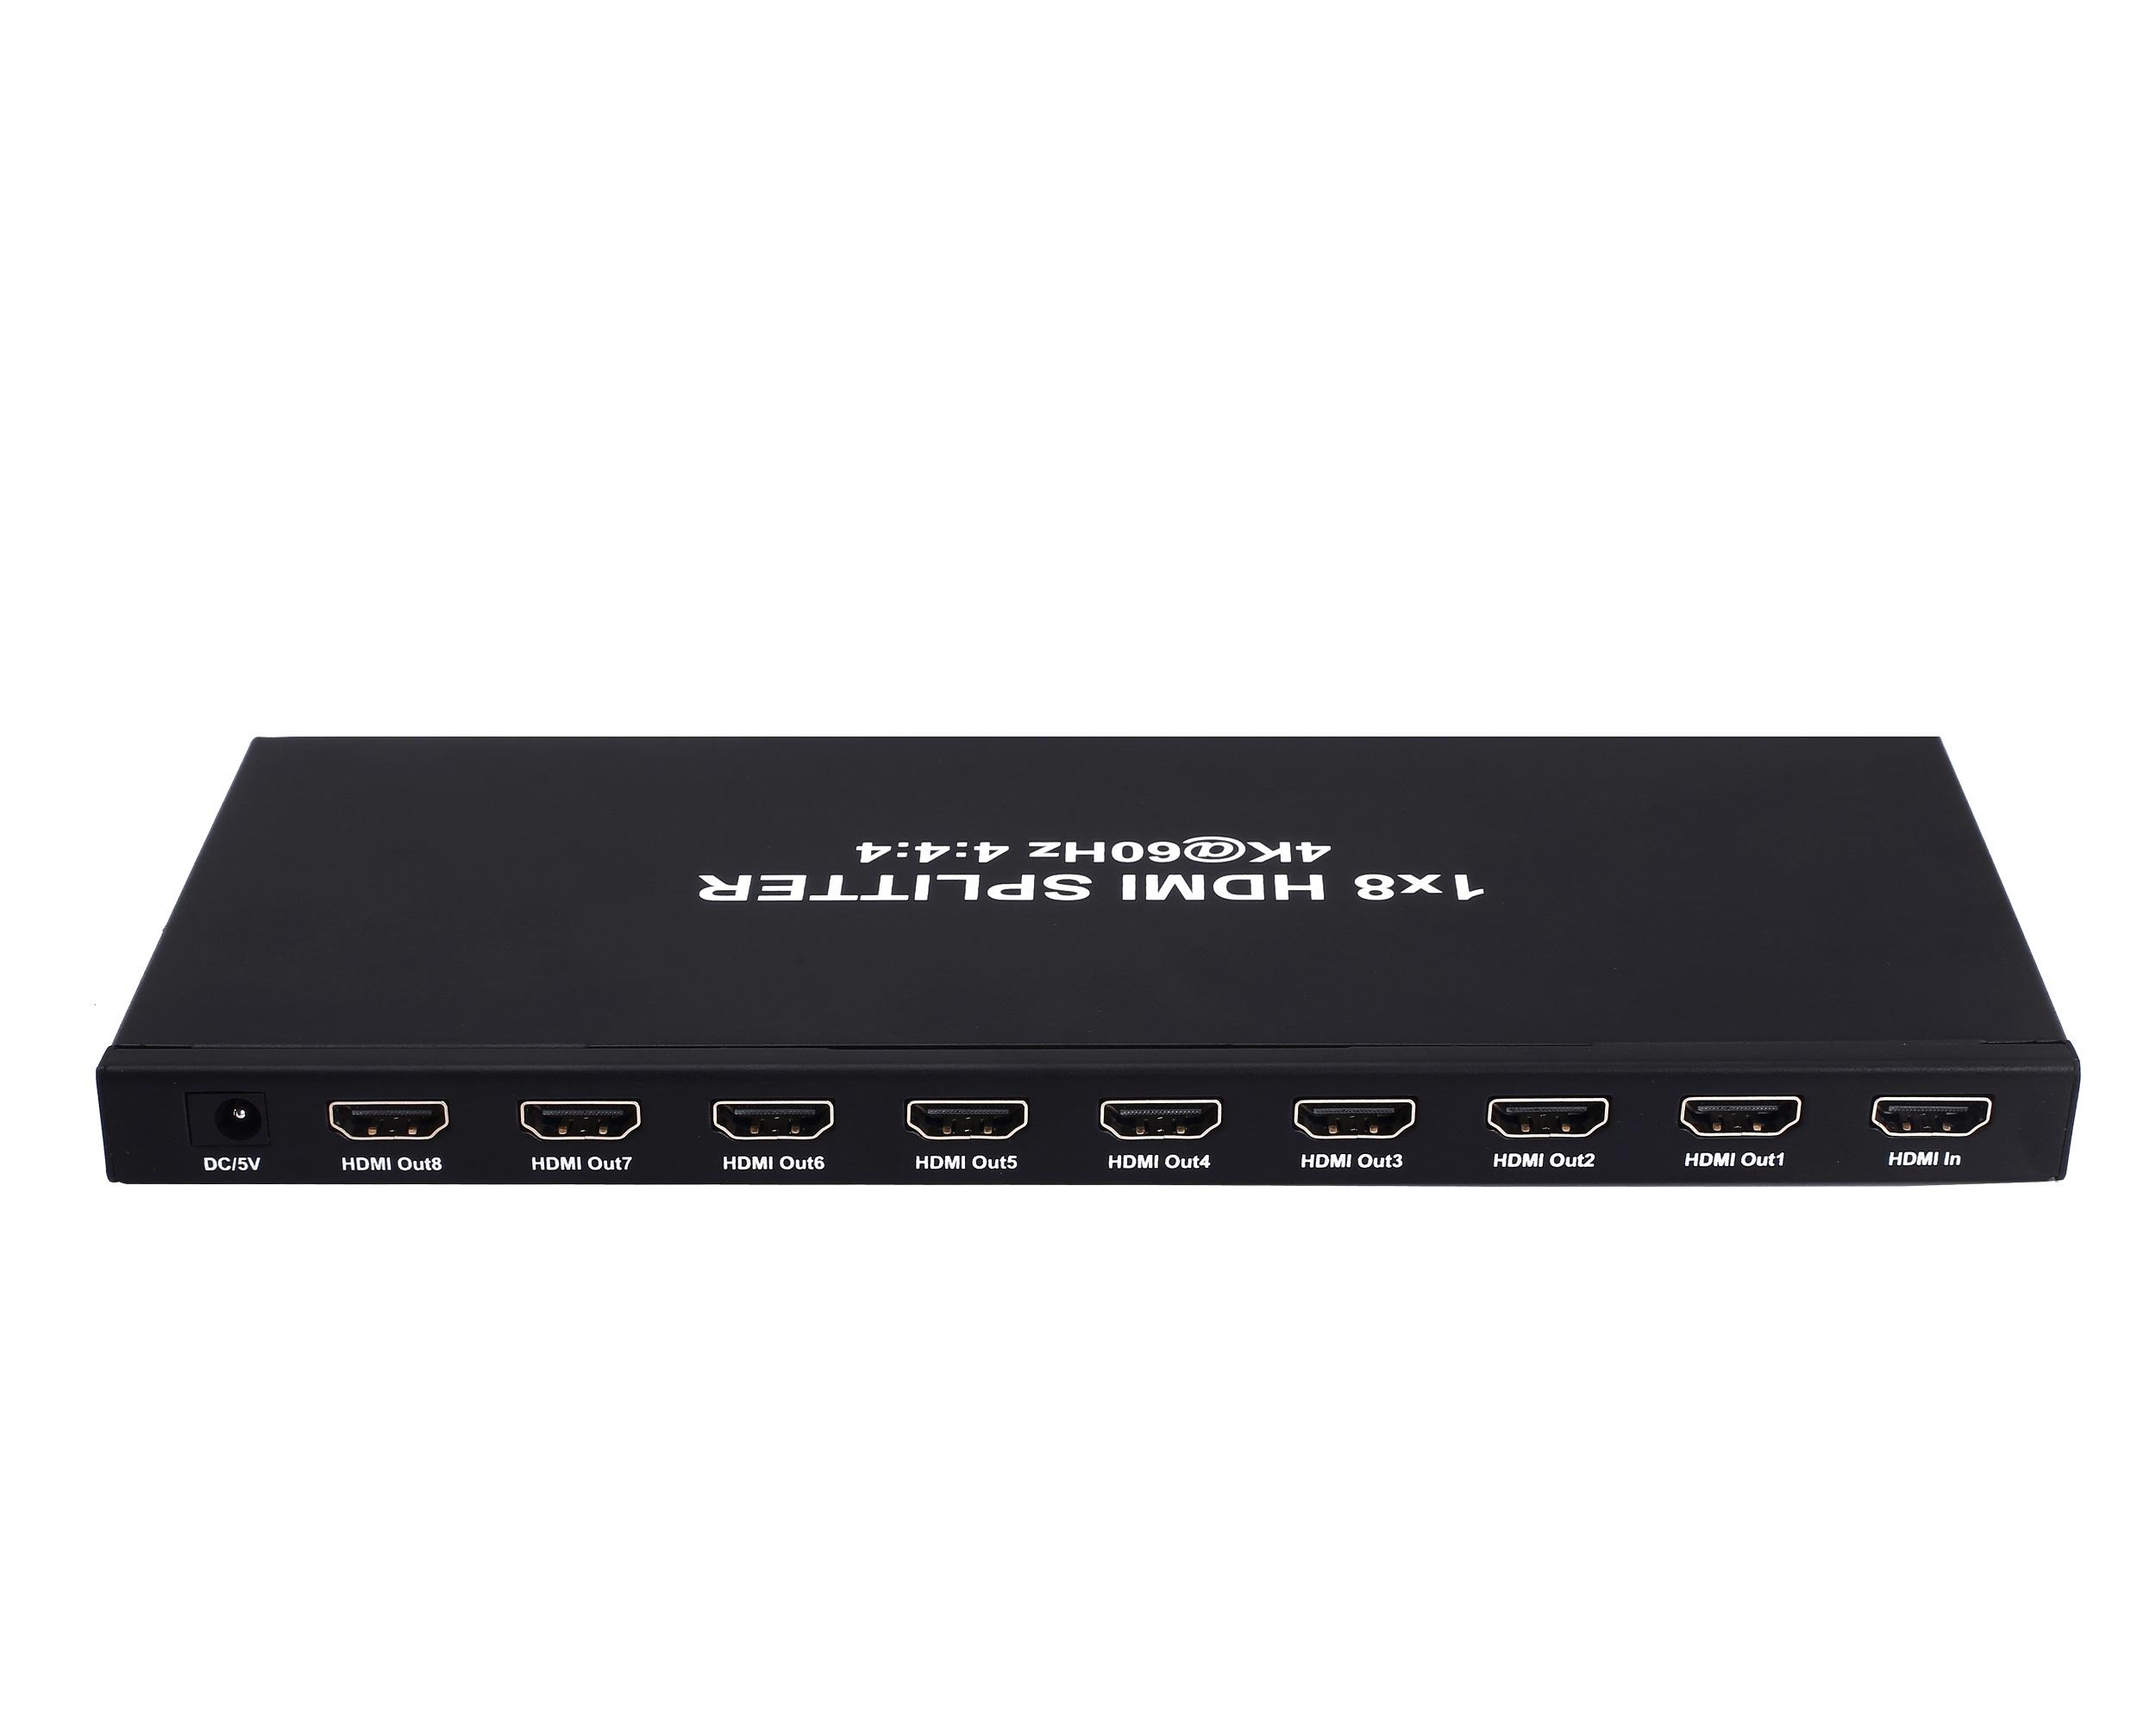 1x8 HDMI Splitter, HDCP2.2, Supports 3D, 4Kx2K@60Hz(YUV 4:4:4), 18G, HDR, EDID